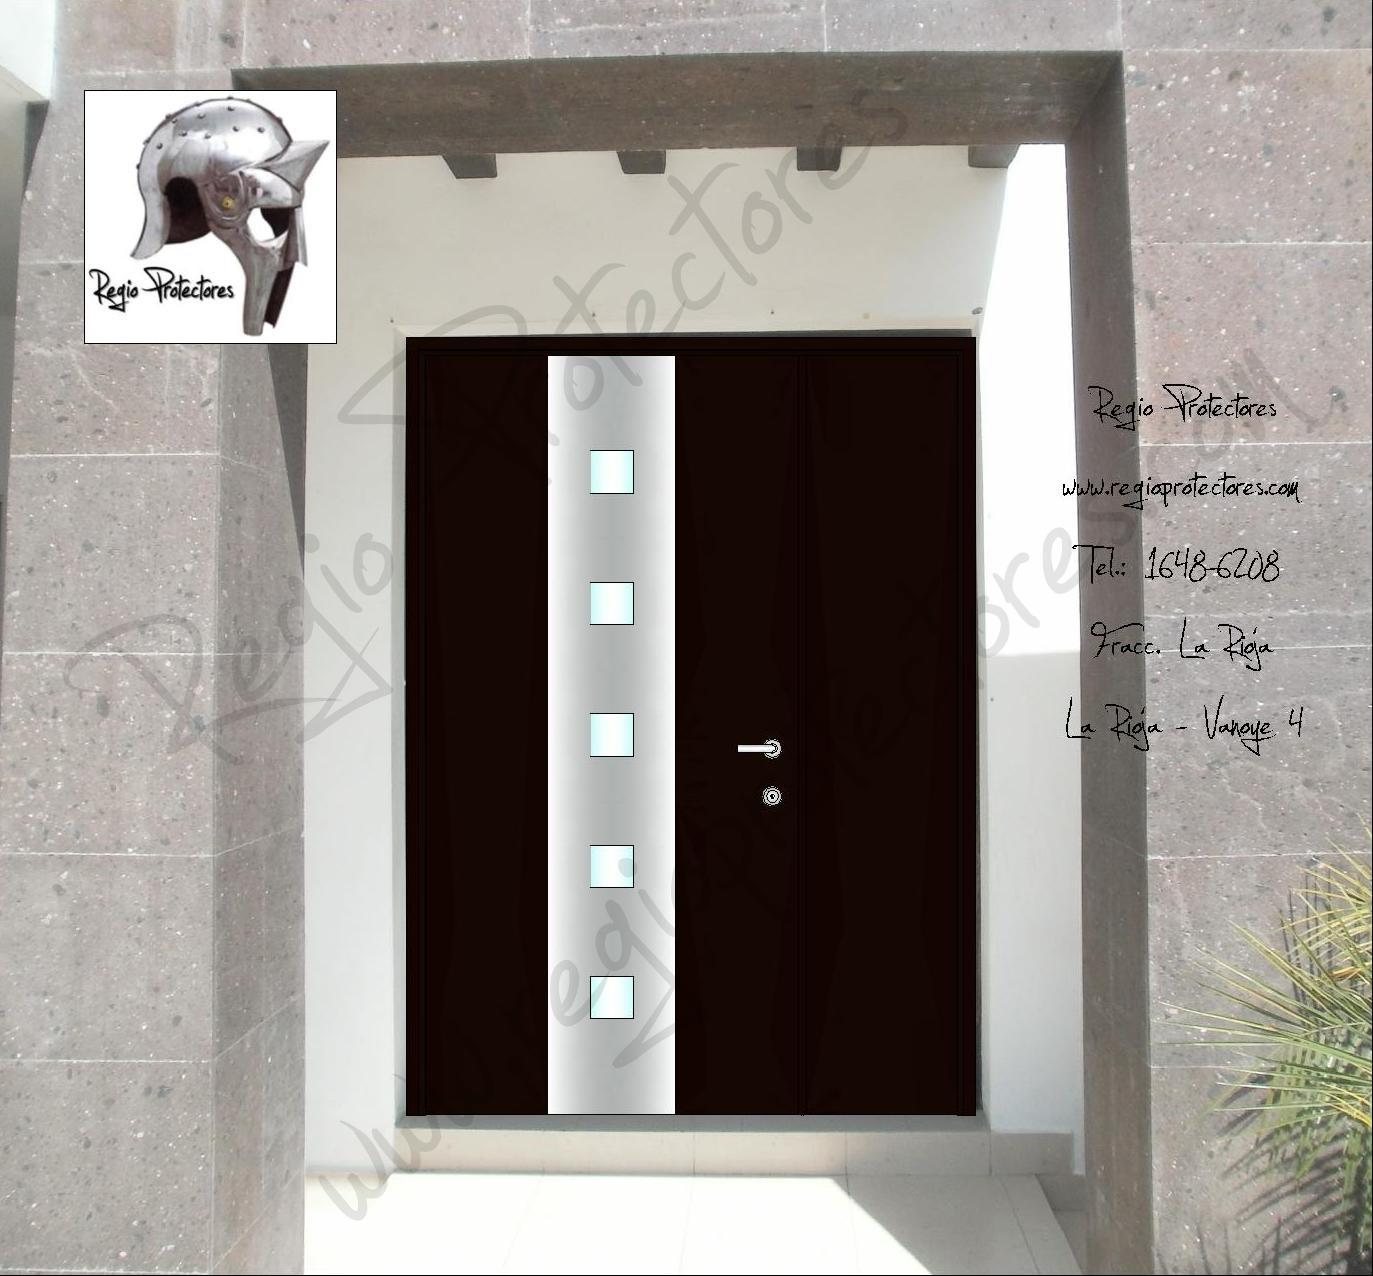 Fotos de puertas principales - Fotos para puertas ...